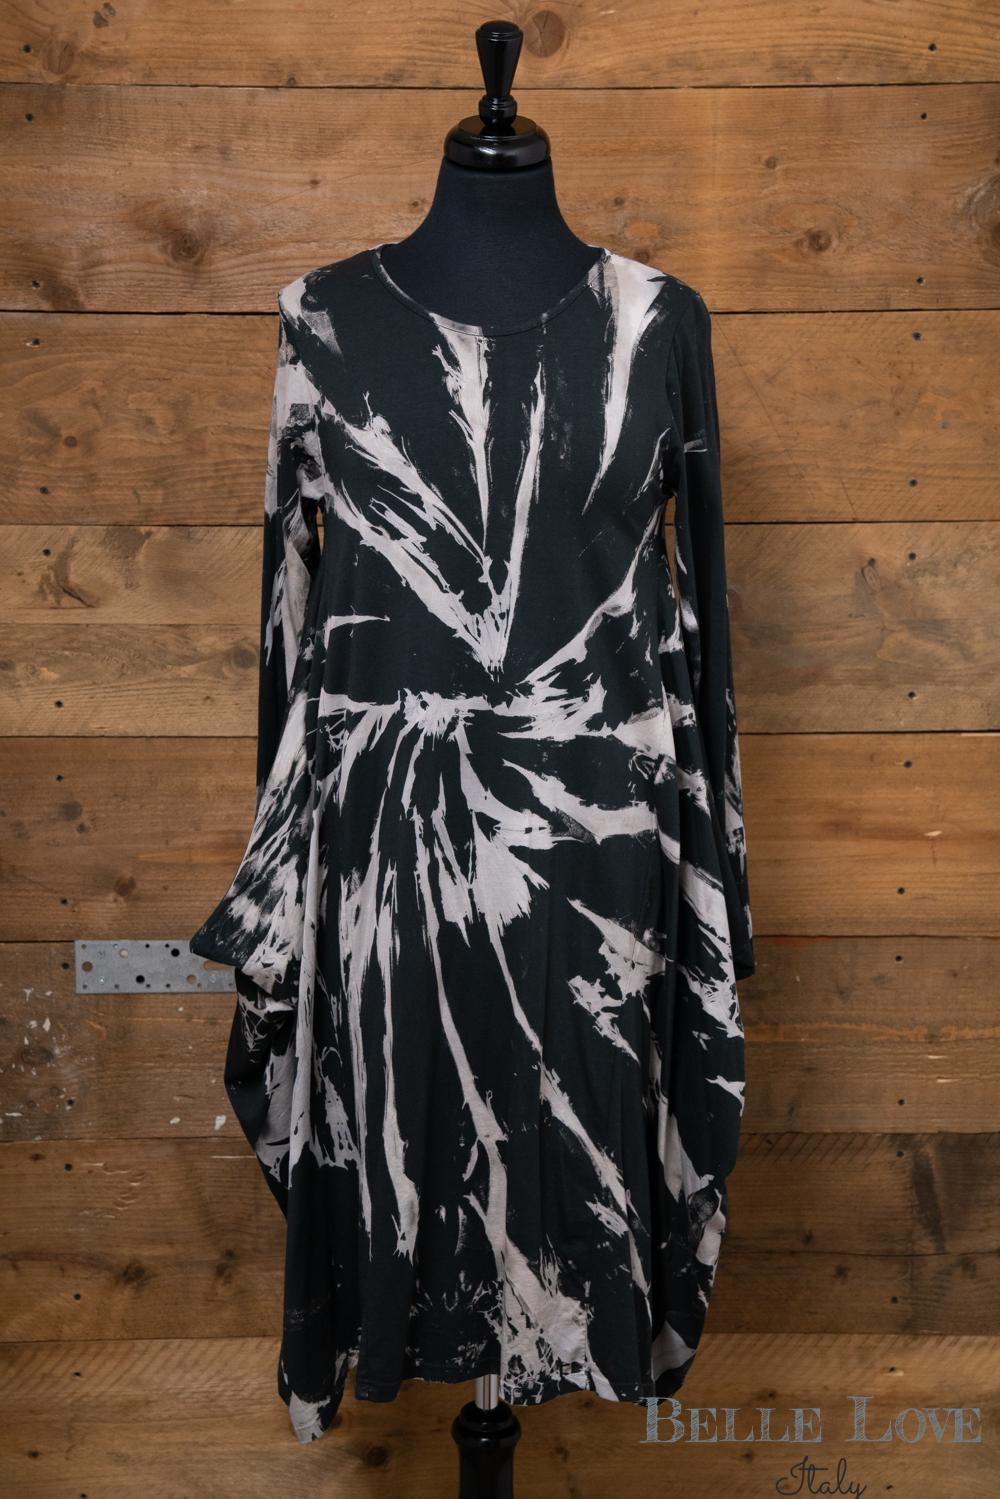 Belle Love Italy Tie-Dye Print Dress